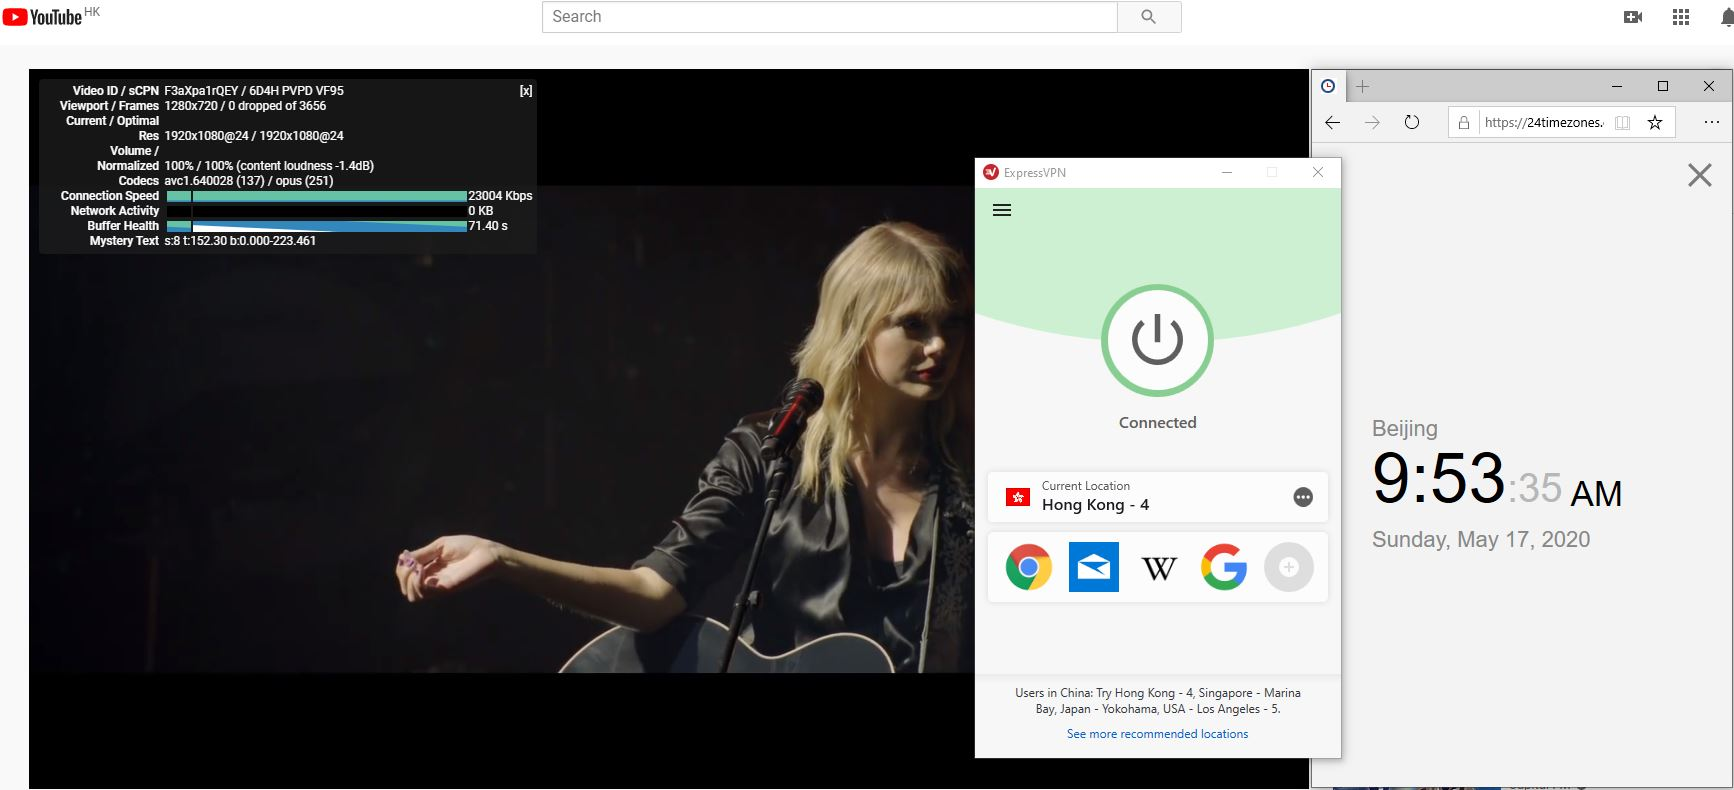 Windows10 ExpressVPN Hong Kong - 4 中国VPN 翻墙 科学上网 youtube测速-20200517